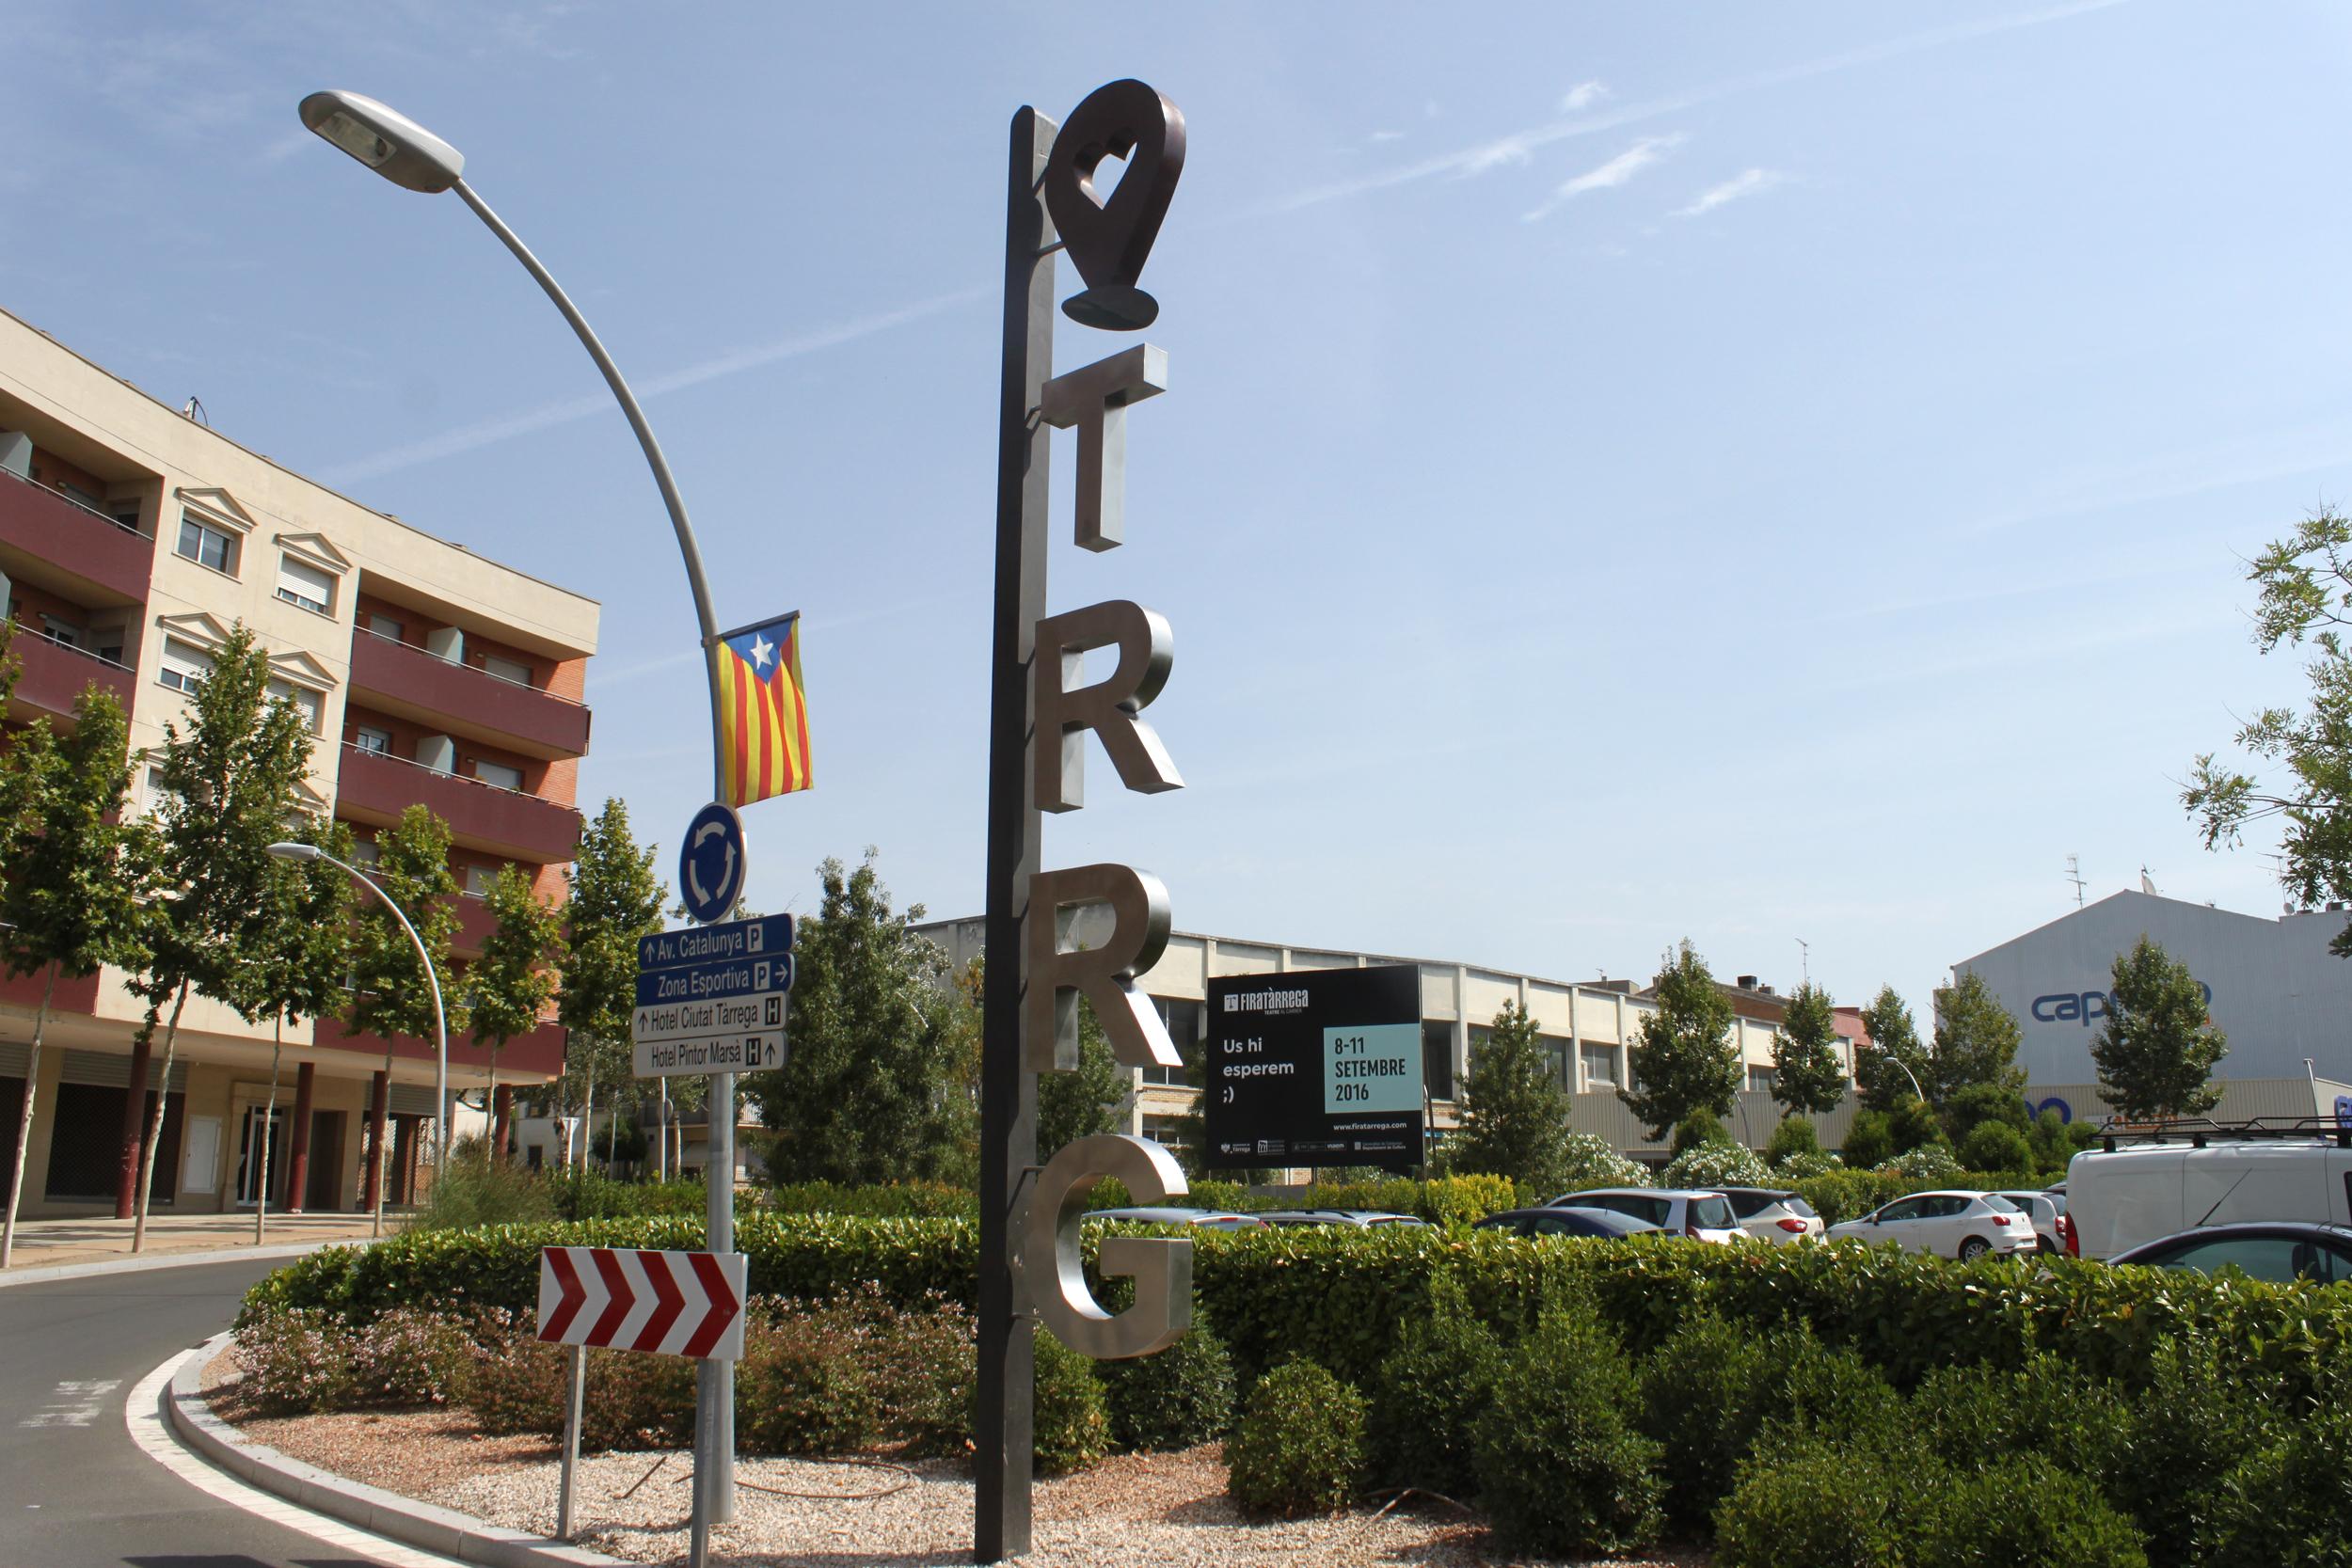 Tàrrega instal·la una reproducció gegant en acer de la marca promocional del municipi a l'entrada oest del nucli urbà